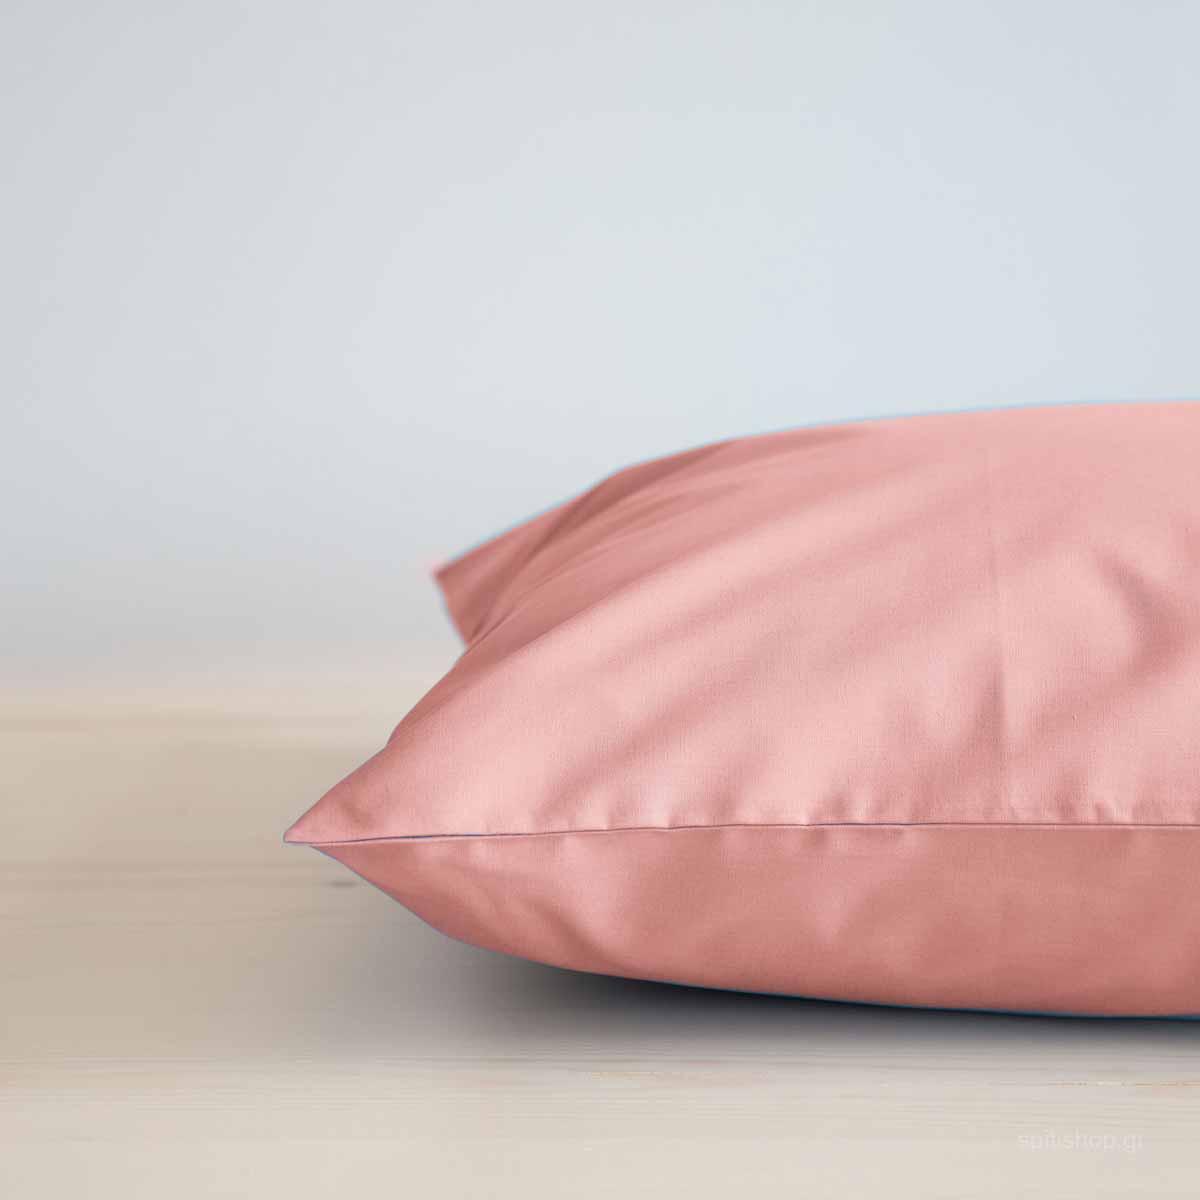 Ζεύγος Μαξιλαροθήκες Nima Bed Linen Unicolors home   κρεβατοκάμαρα   μαξιλάρια   μαξιλαροθήκες